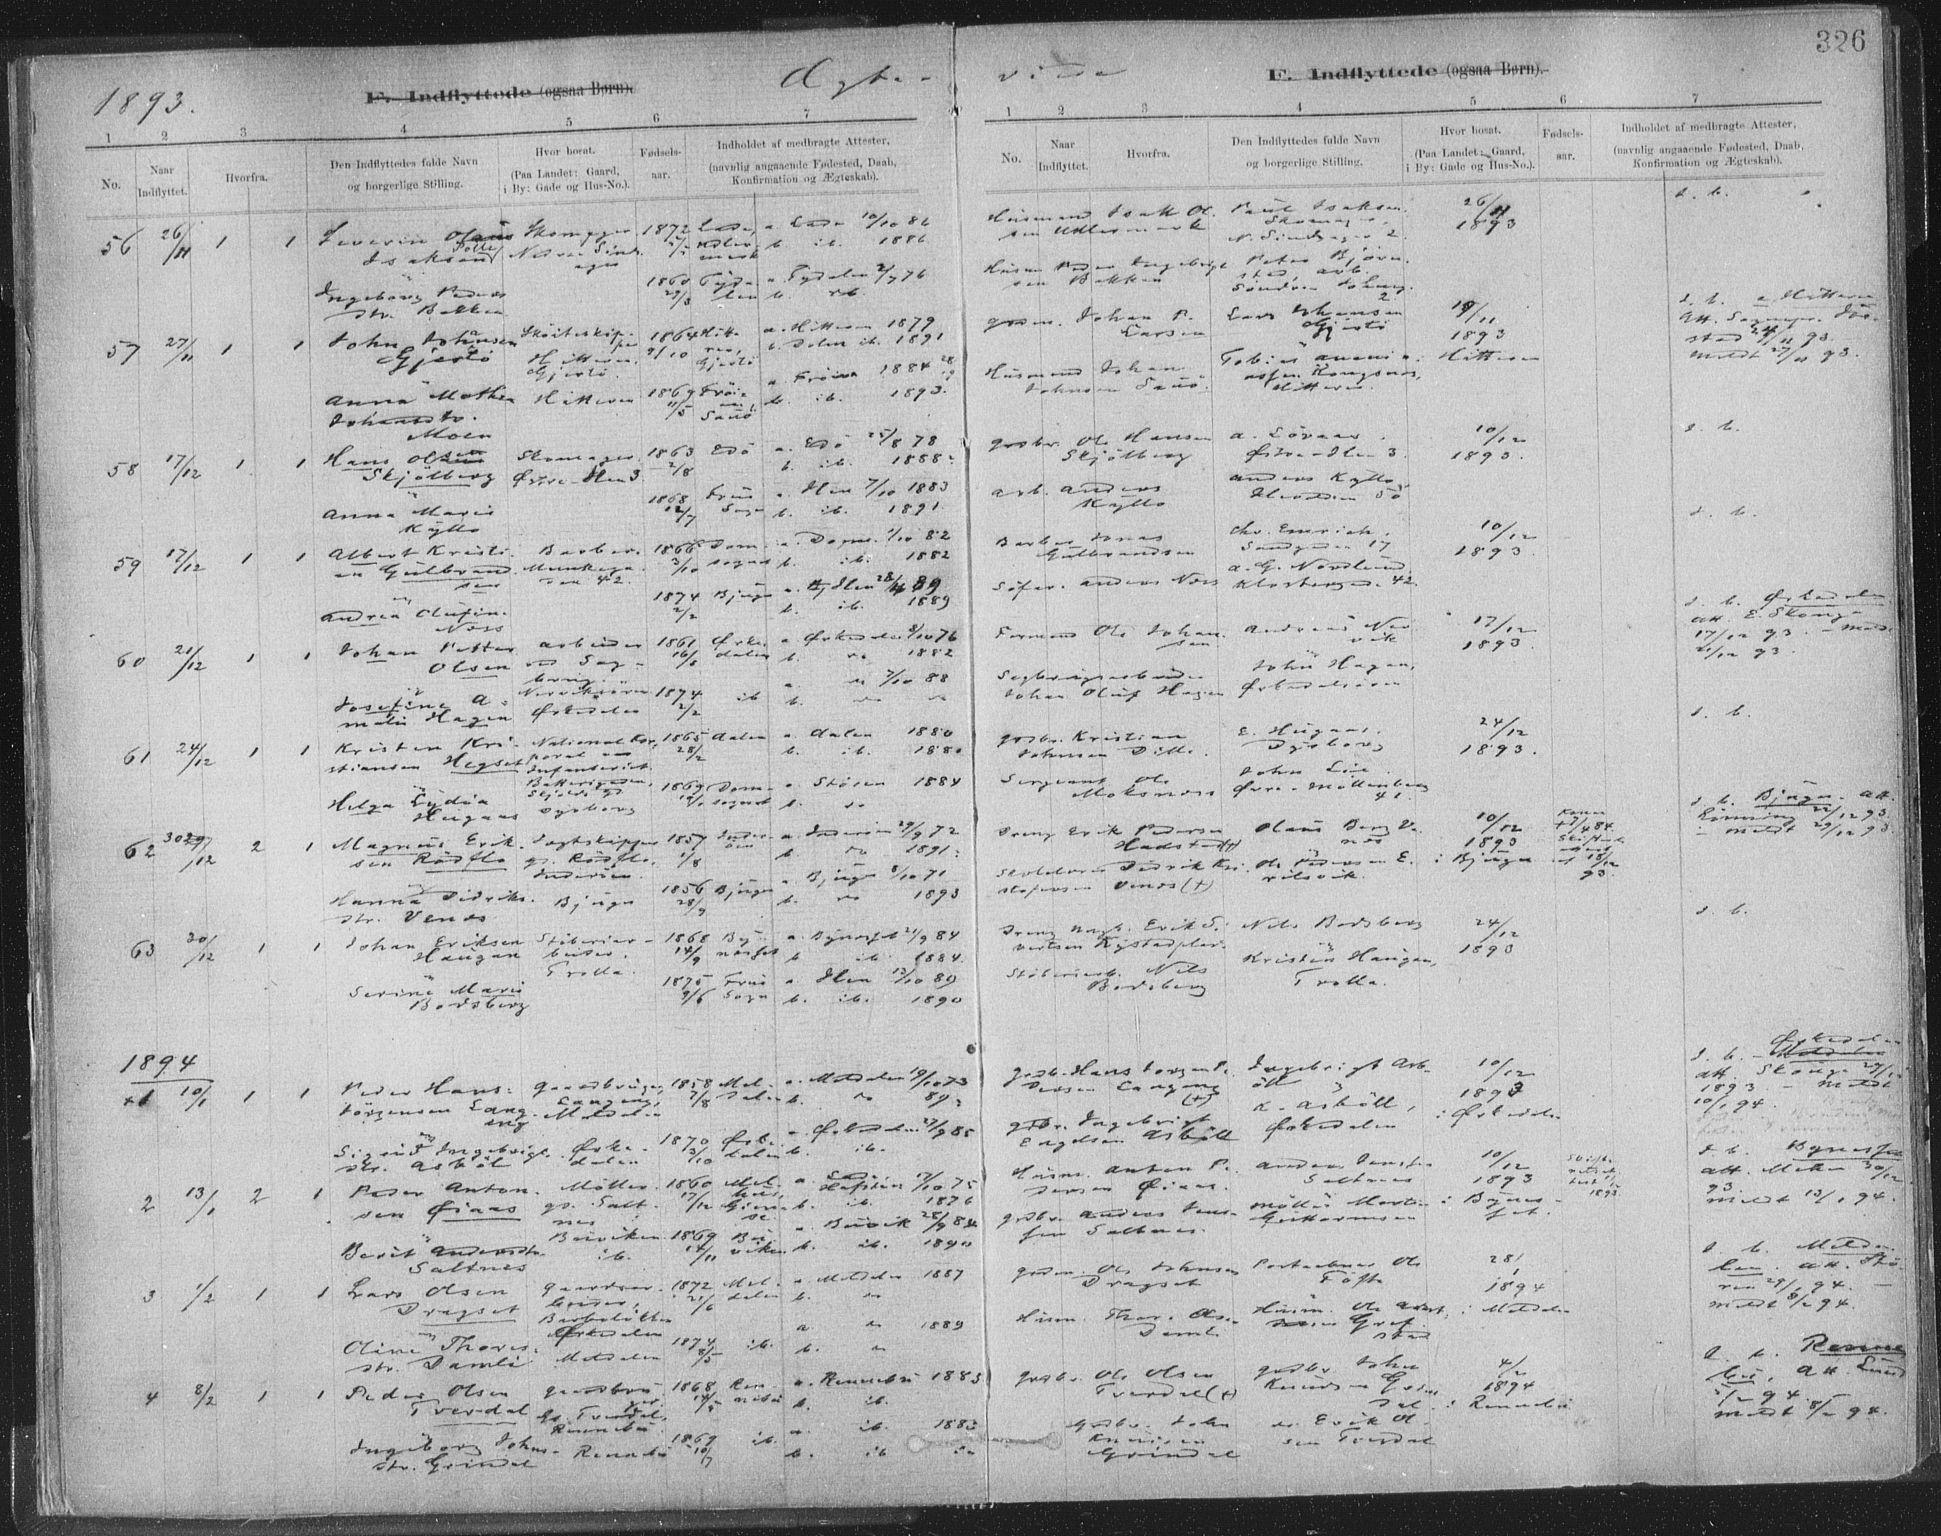 SAT, Ministerialprotokoller, klokkerbøker og fødselsregistre - Sør-Trøndelag, 603/L0163: Ministerialbok nr. 603A02, 1879-1895, s. 326